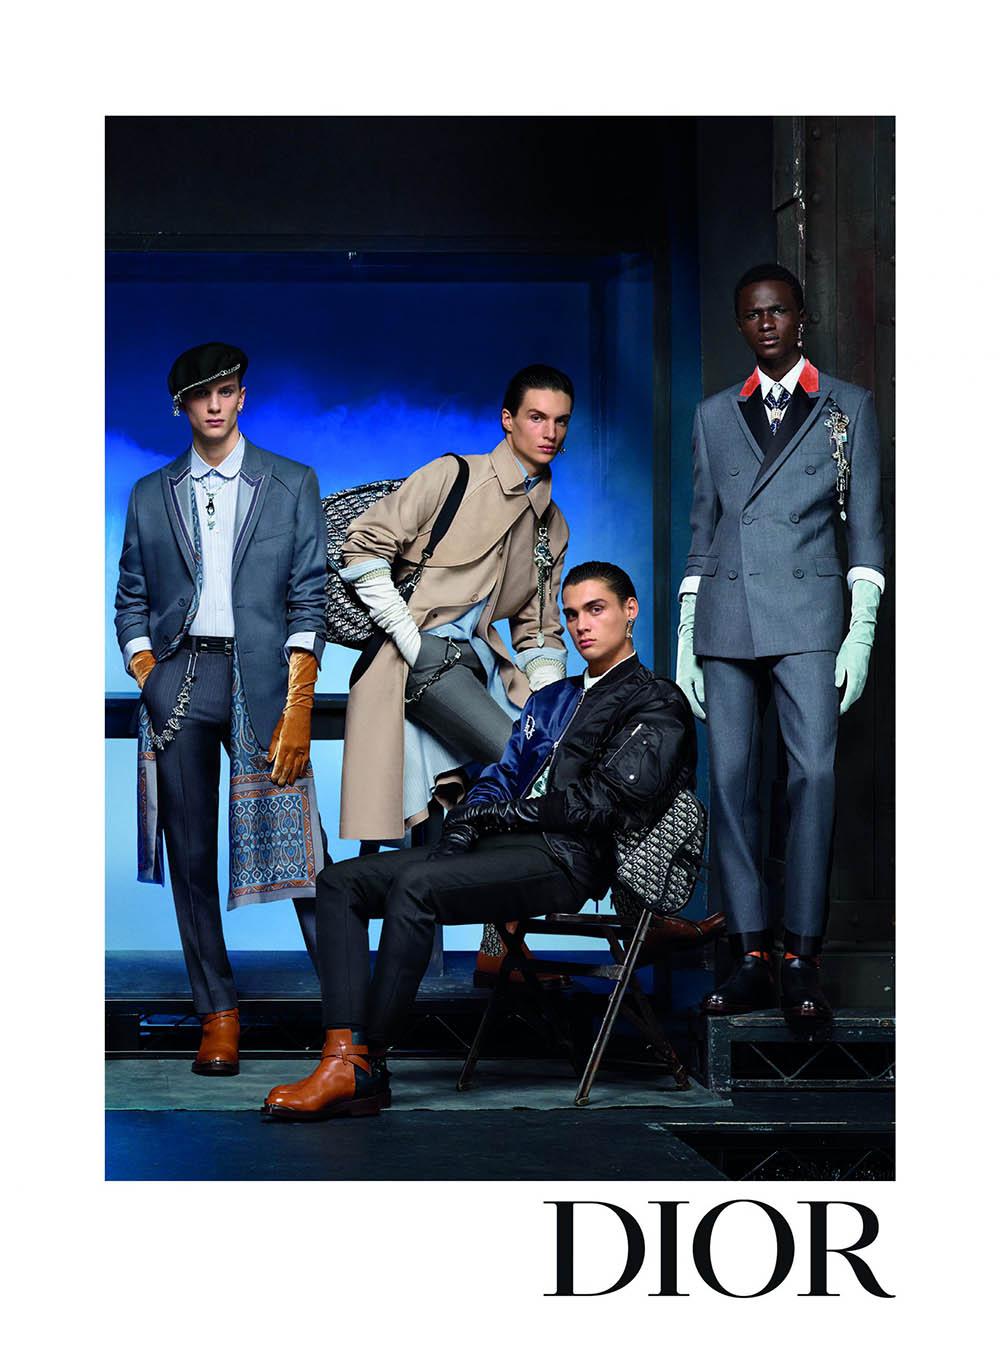 Dior Men Fall Winter 2020 Campaign